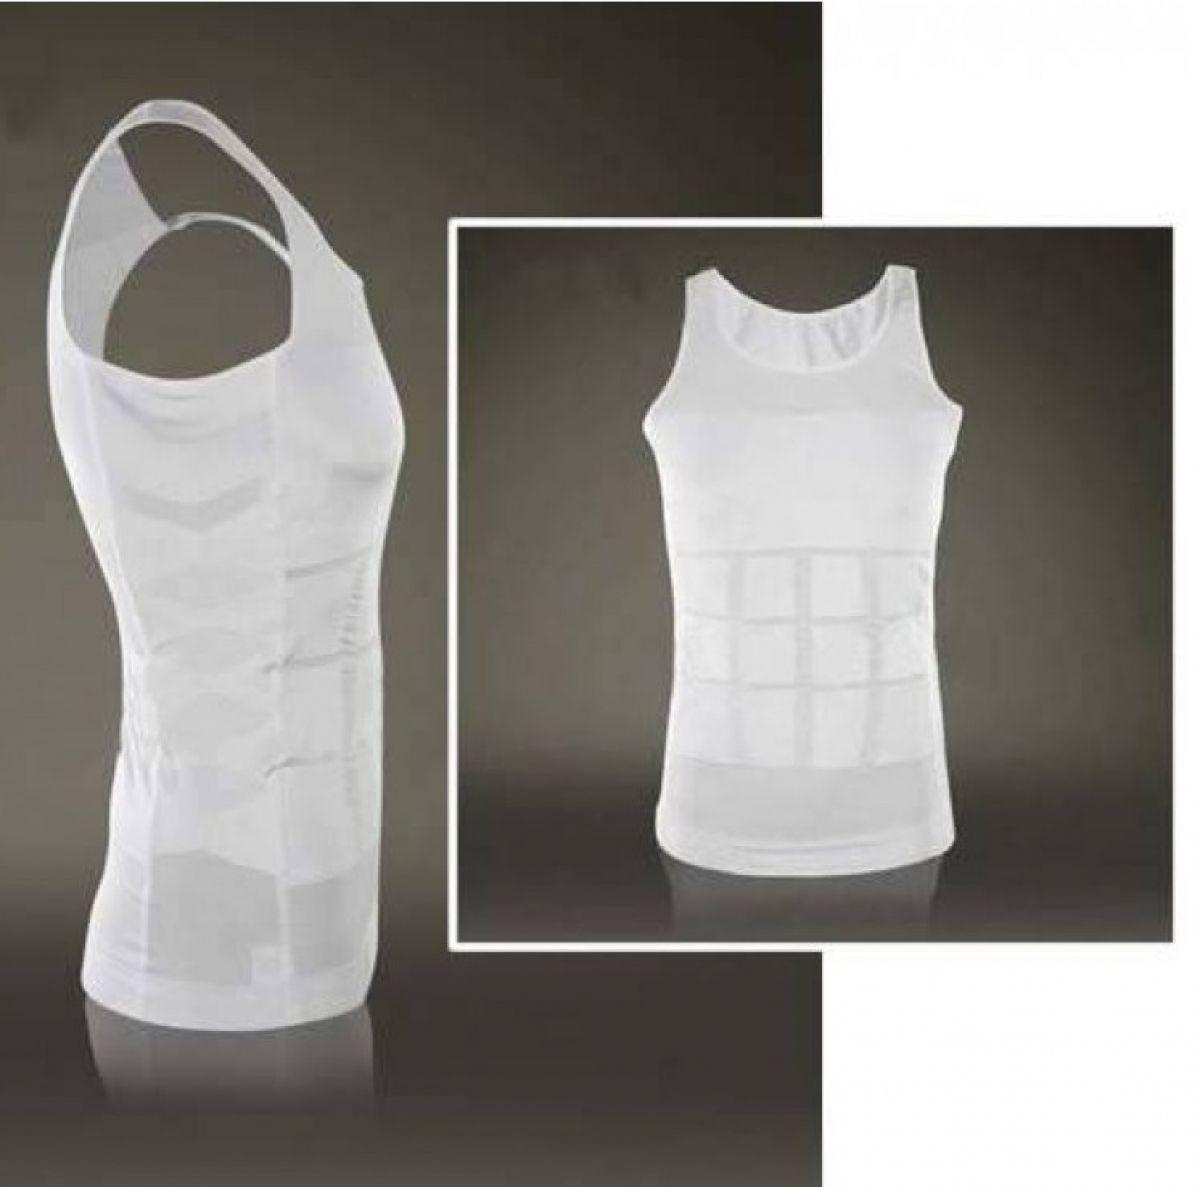 SLIMMING SHIRT FOR MEN body sculpting gilet abdomen sous-vêtements couleur unie hommes body shapers livraison gratuite